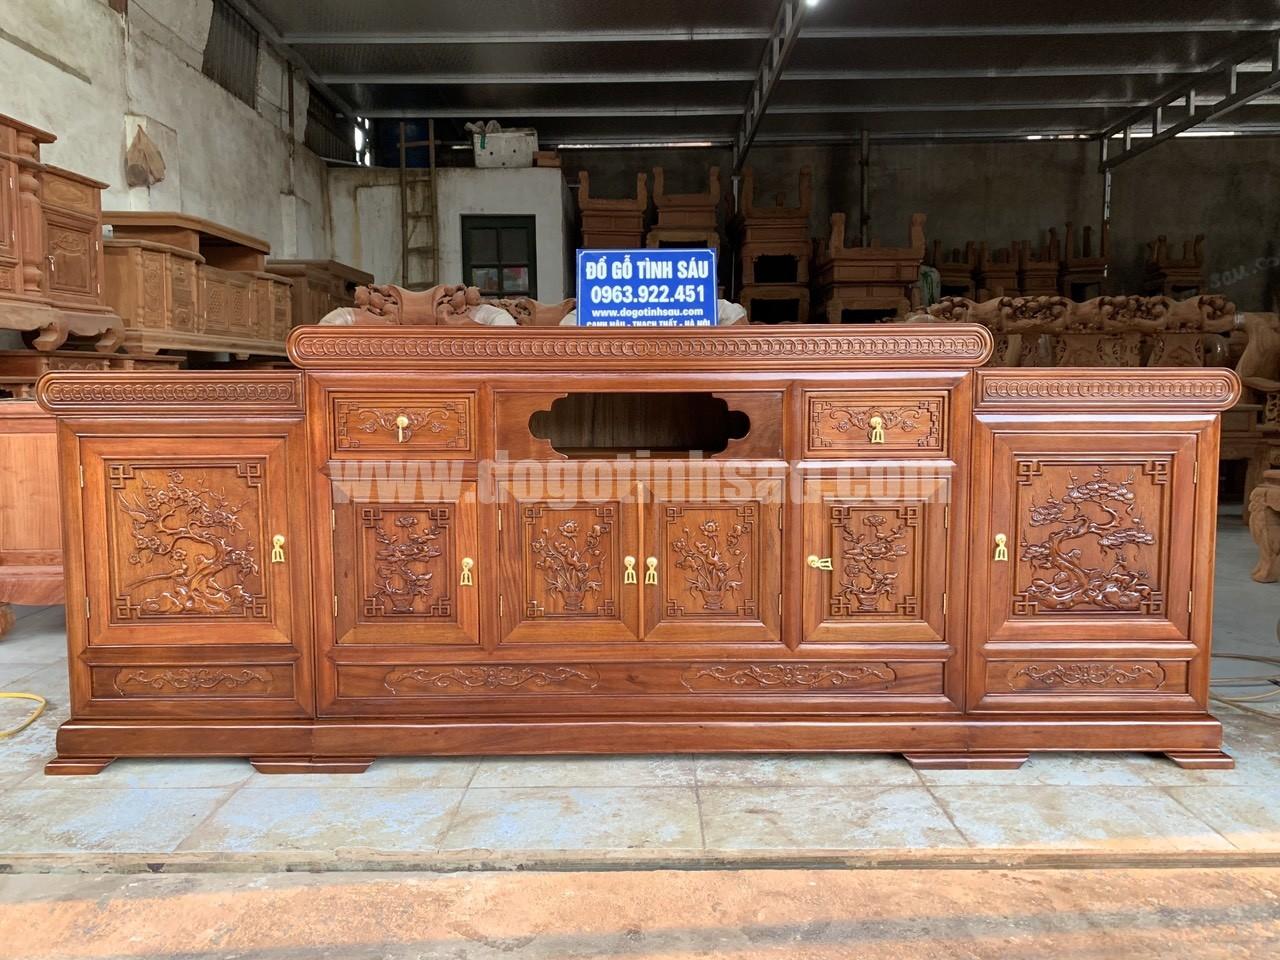 ke tivi go gu mau mo loi - Kệ tivi gỗ gụ 2m2 mẫu mõ lồi đồng tiền (hàng đặt)